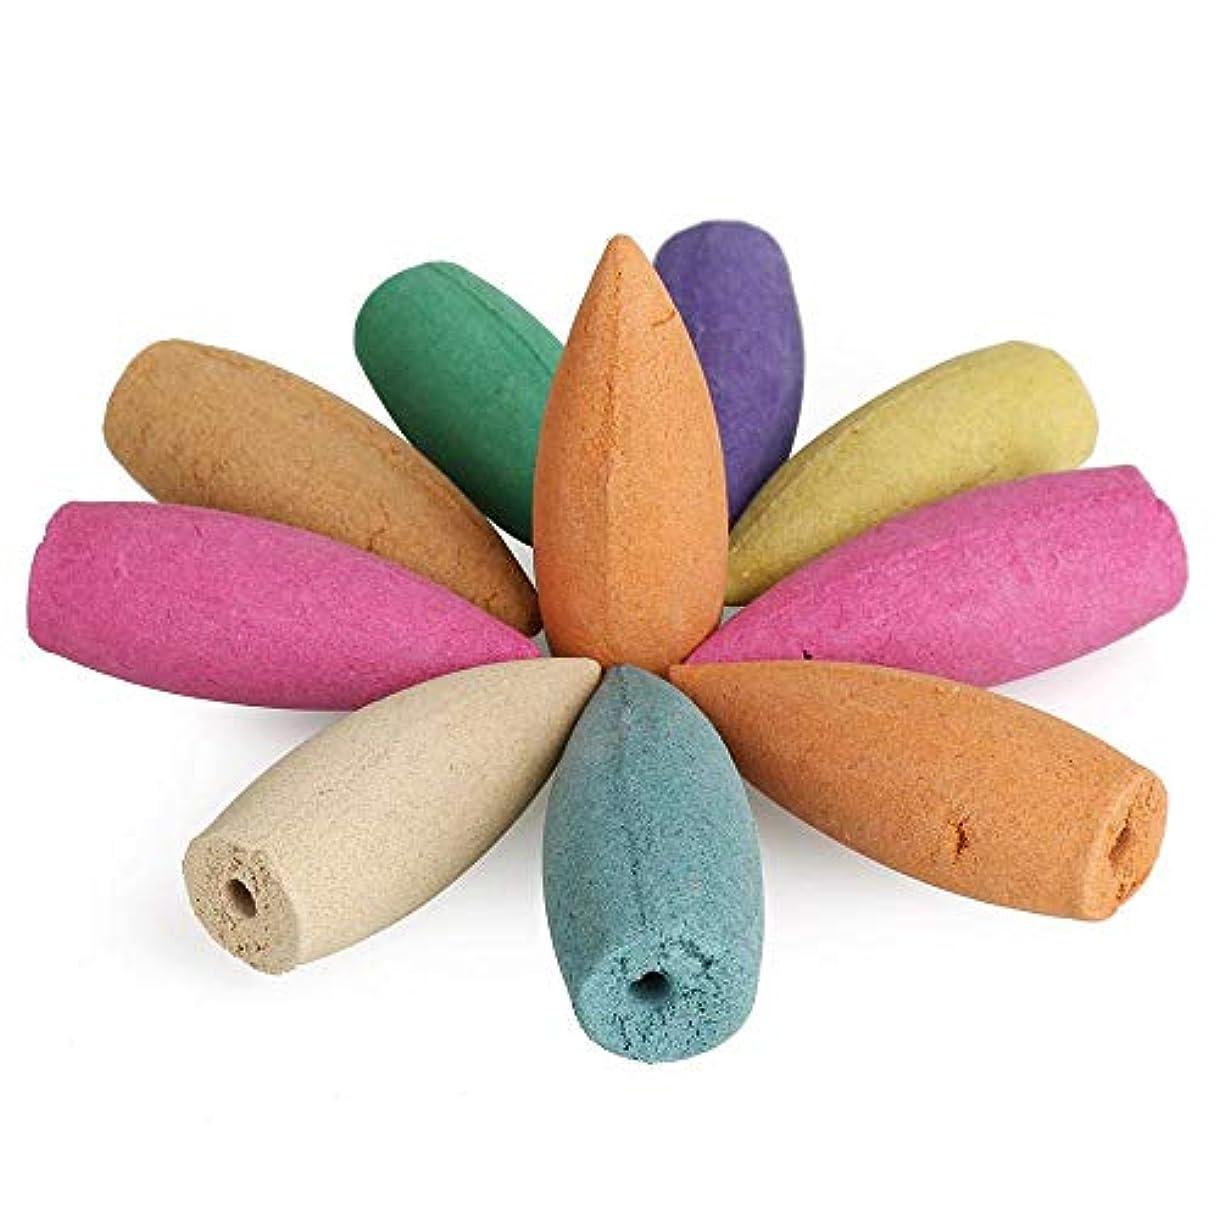 遅滞名詞有害AGVTUO 10pcs / bag Reflux Incense Cones香り付き香コーンサンダルウッド香の滝